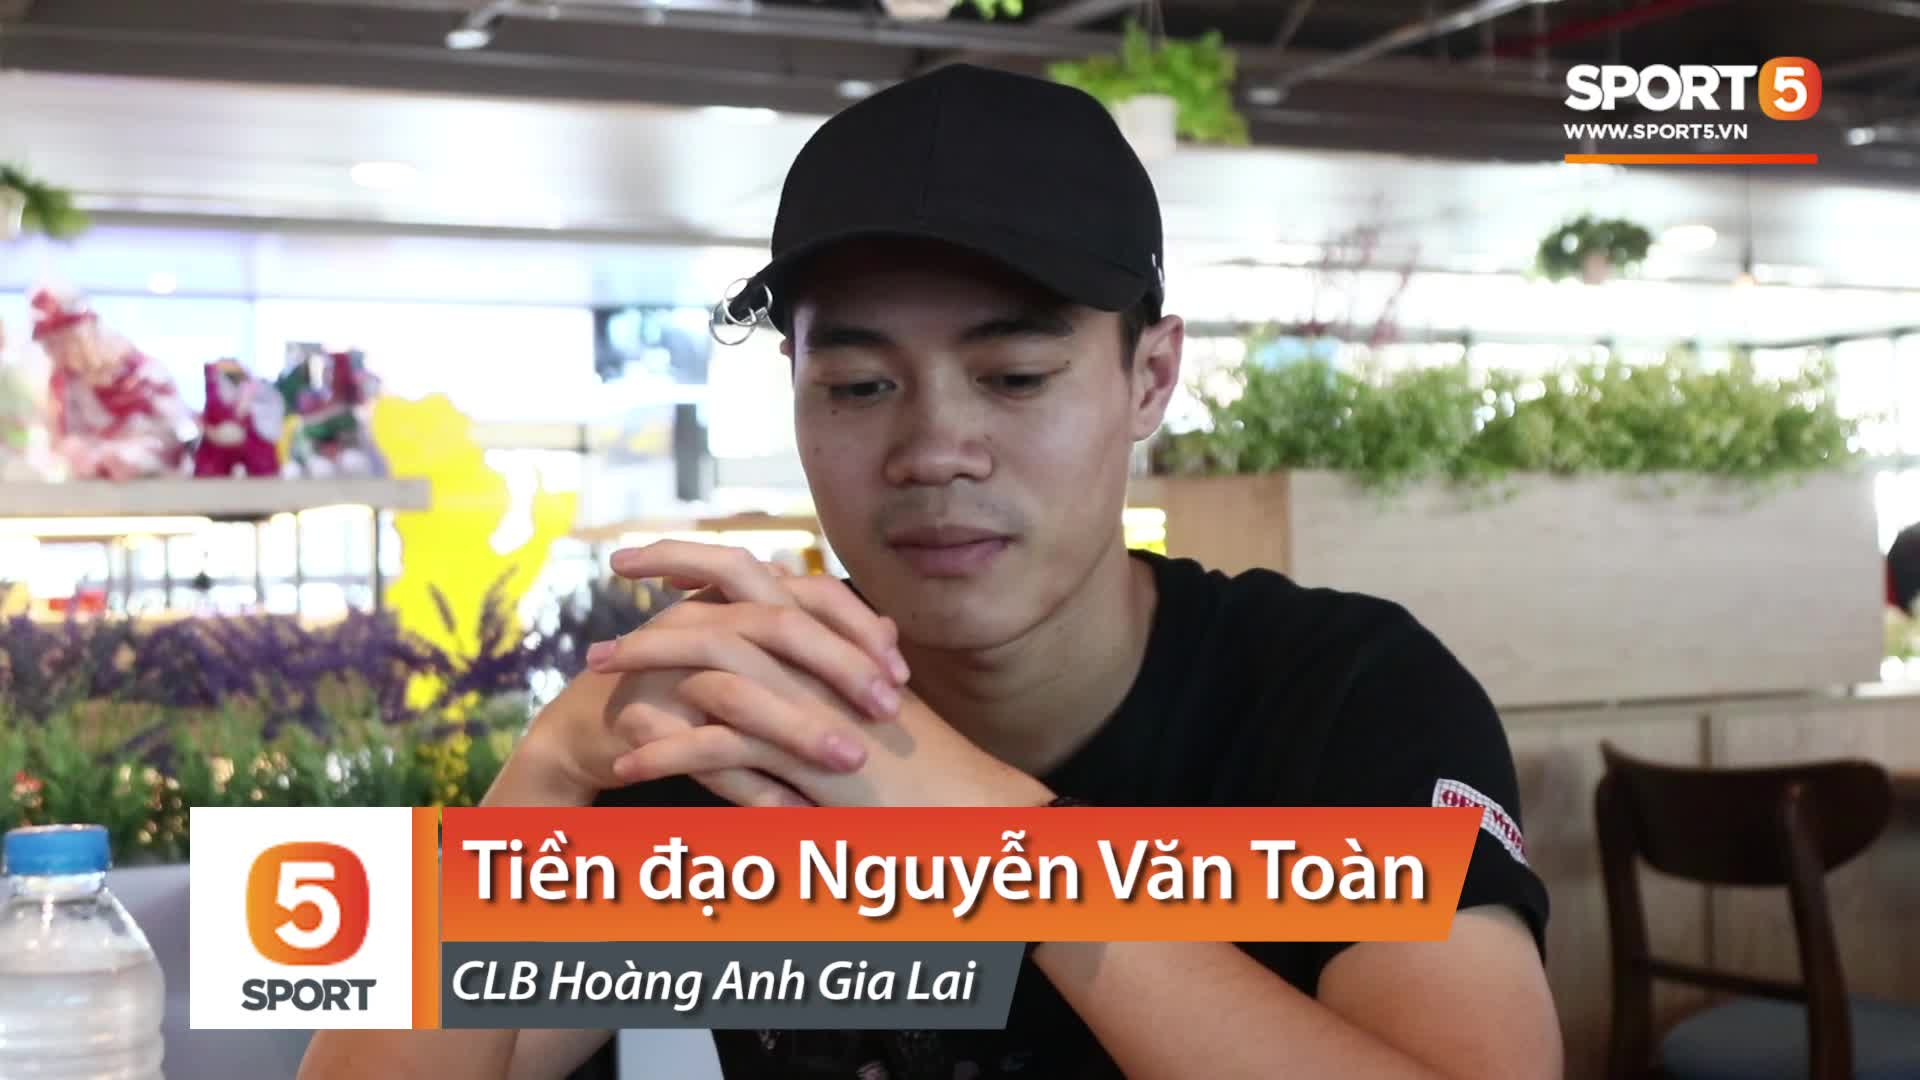 van-toan-buon-ba-khi-cong-phuong-khong-o-cung-1549628093306765890326-74411.jpg